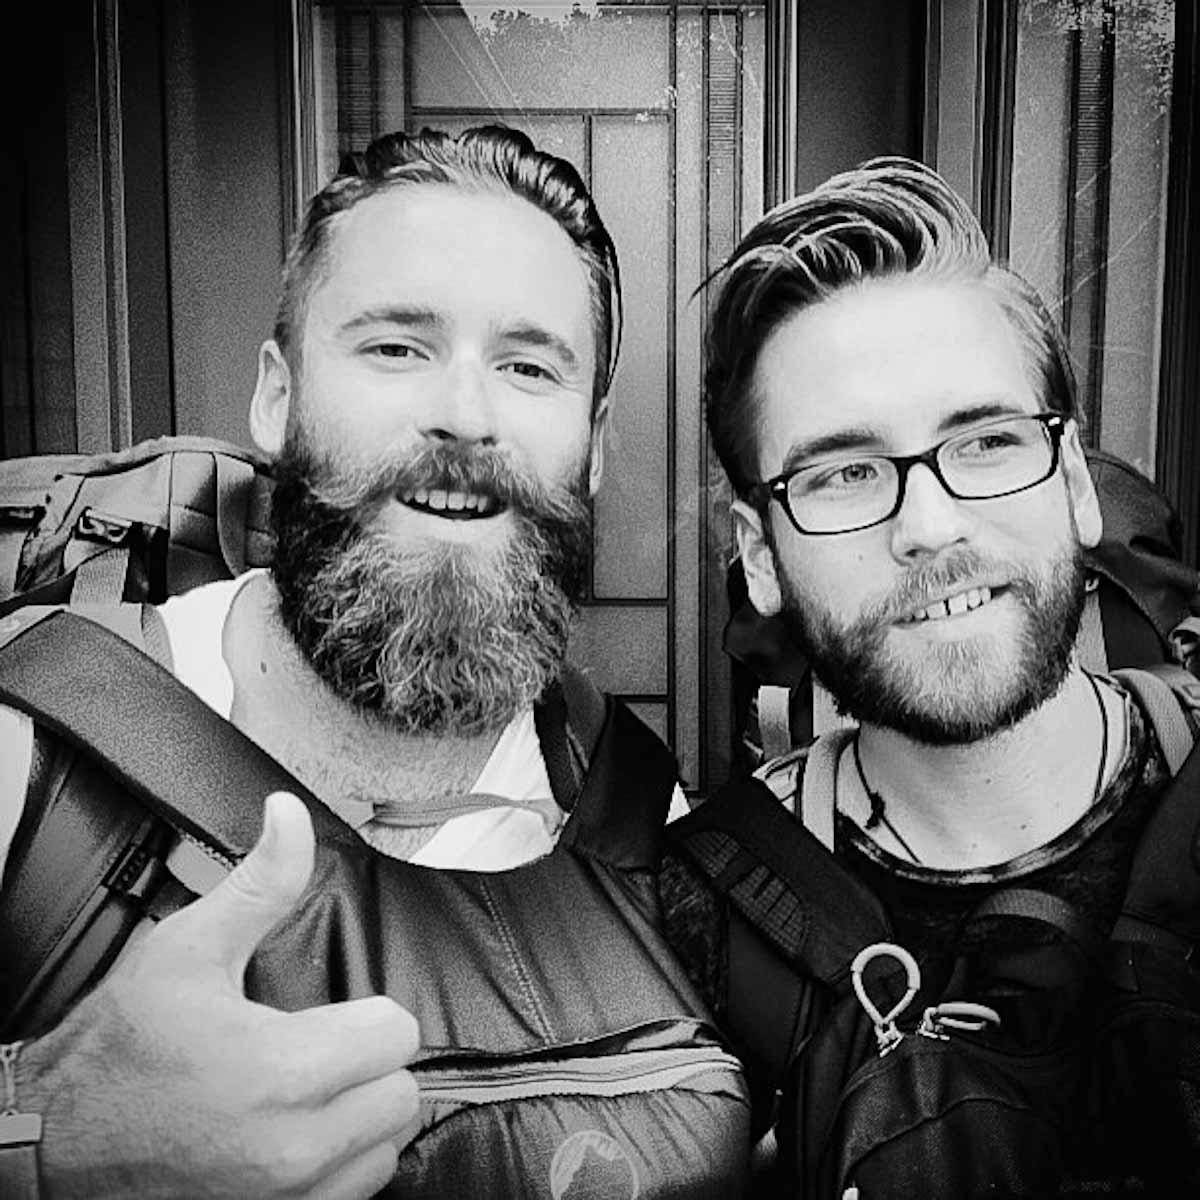 Dylan Benoit and brother Lucas Benoit